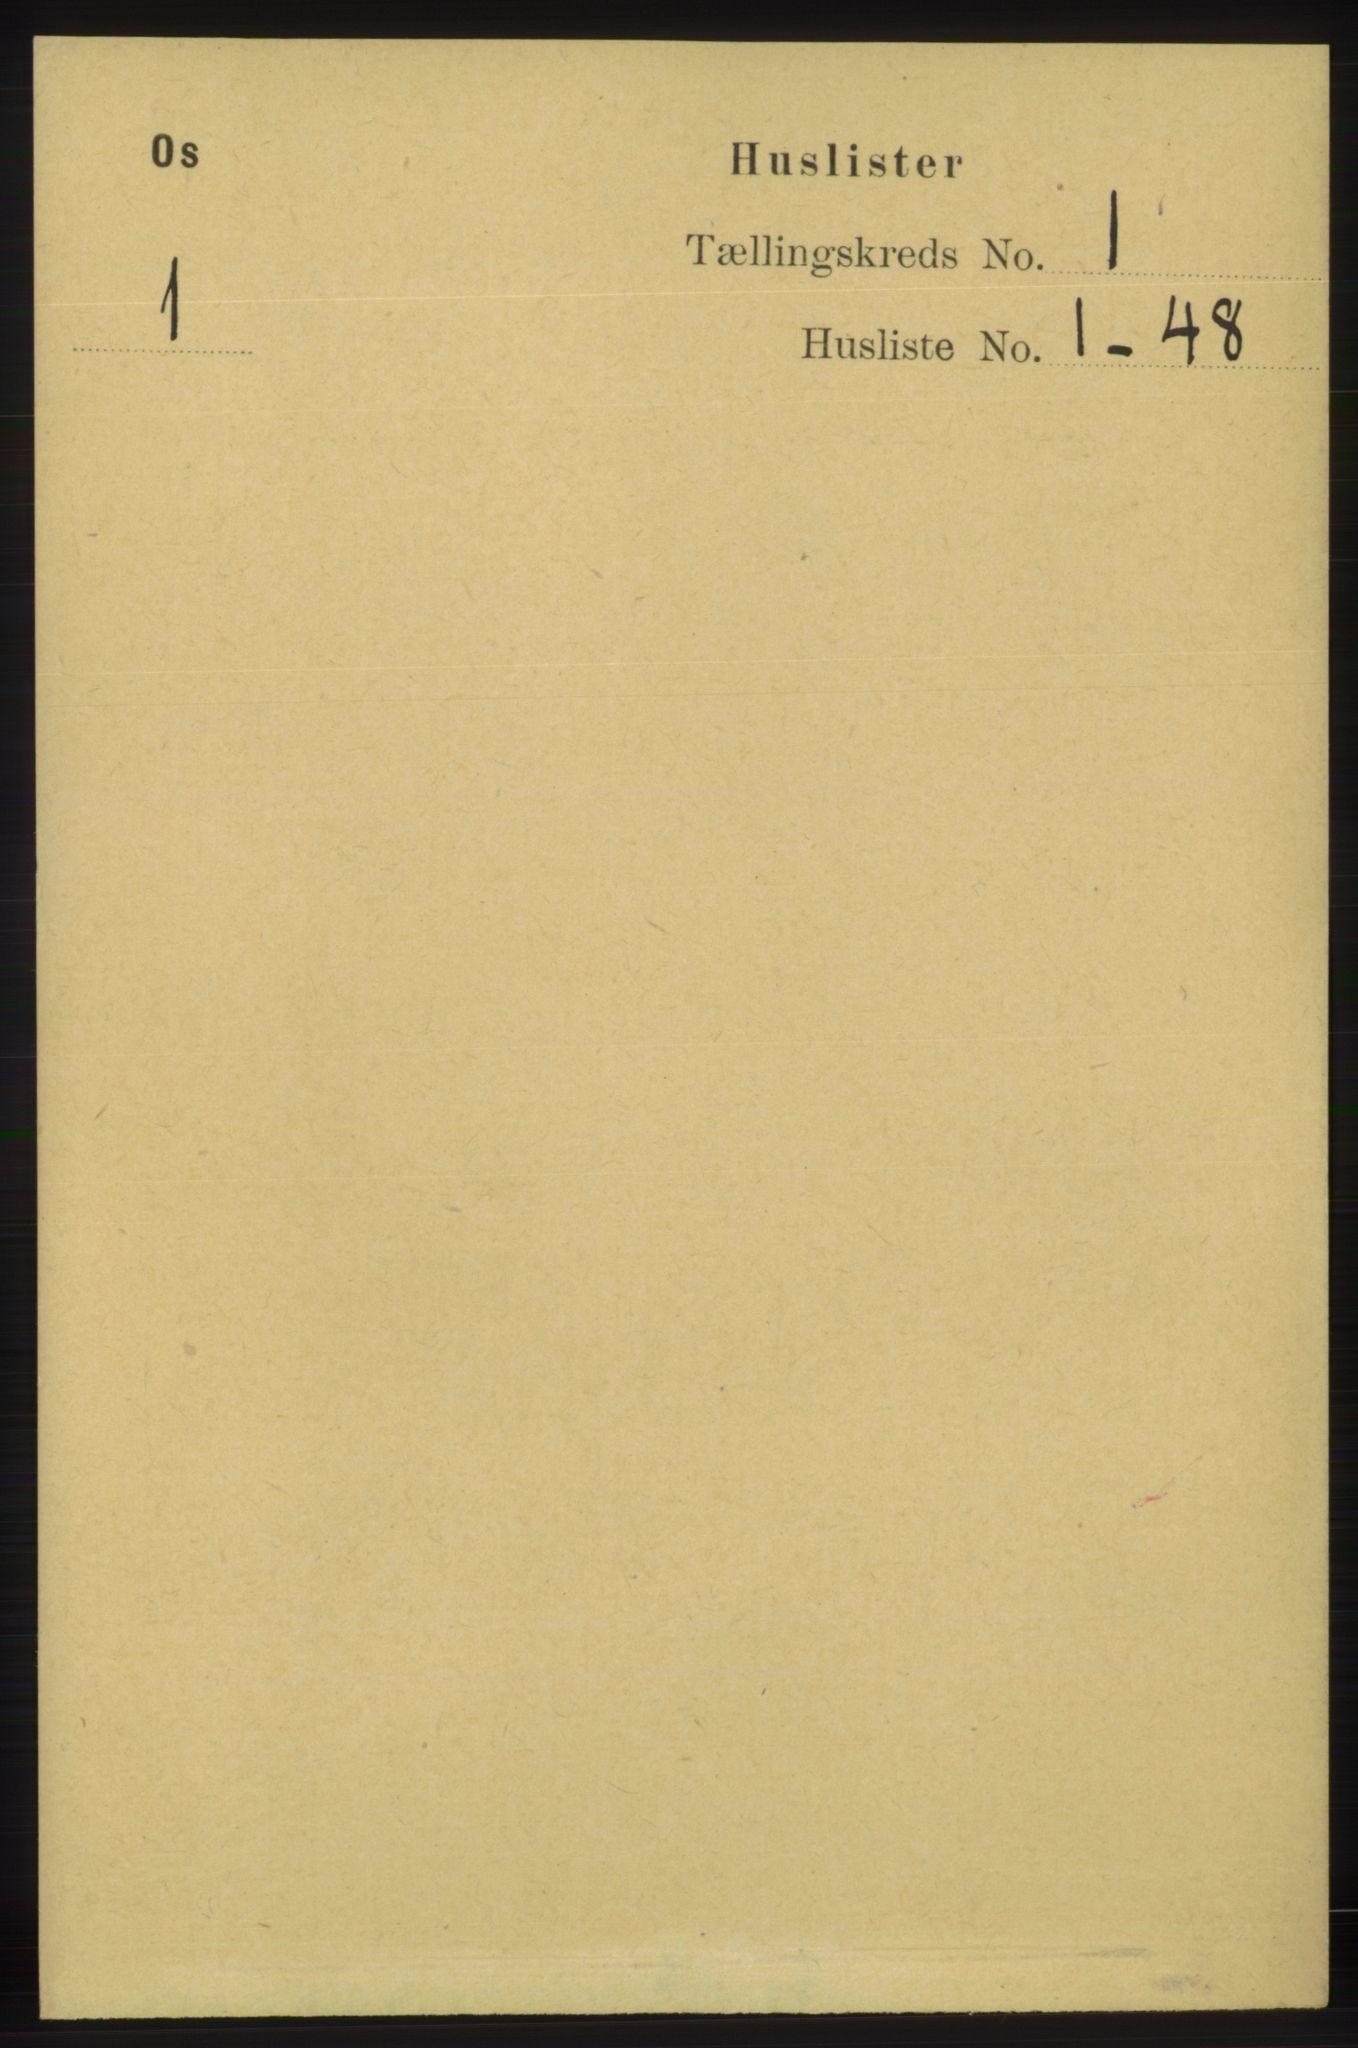 RA, Folketelling 1891 for 1243 Os herred, 1891, s. 35